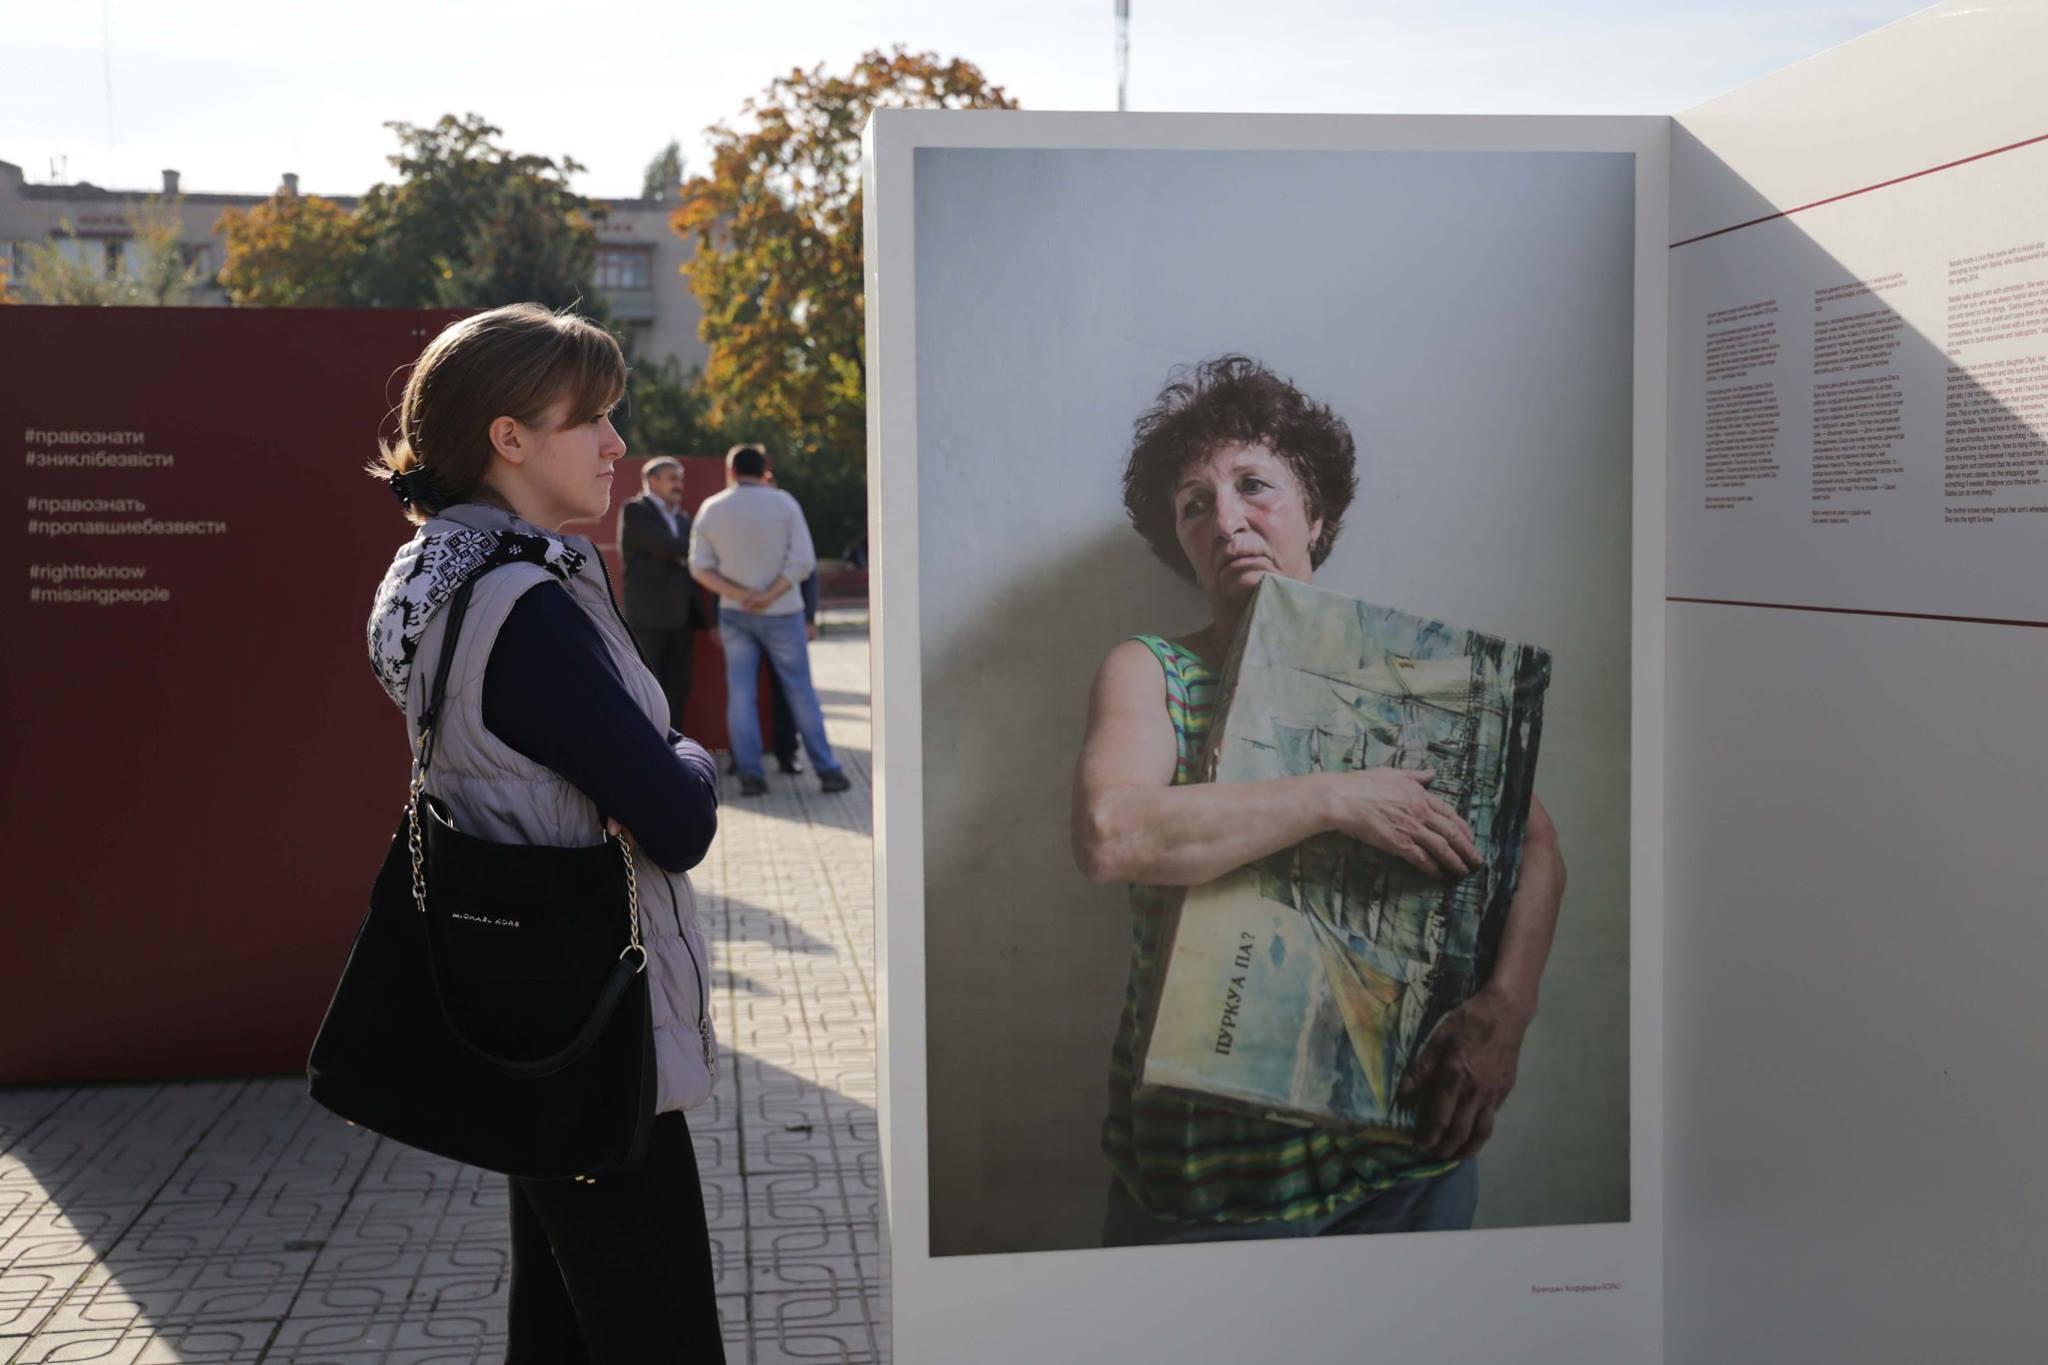 У Сєвєродонецьку відкрилася фотовиставка про зниклих безвісти під час війни (ФОТО) - фото 5